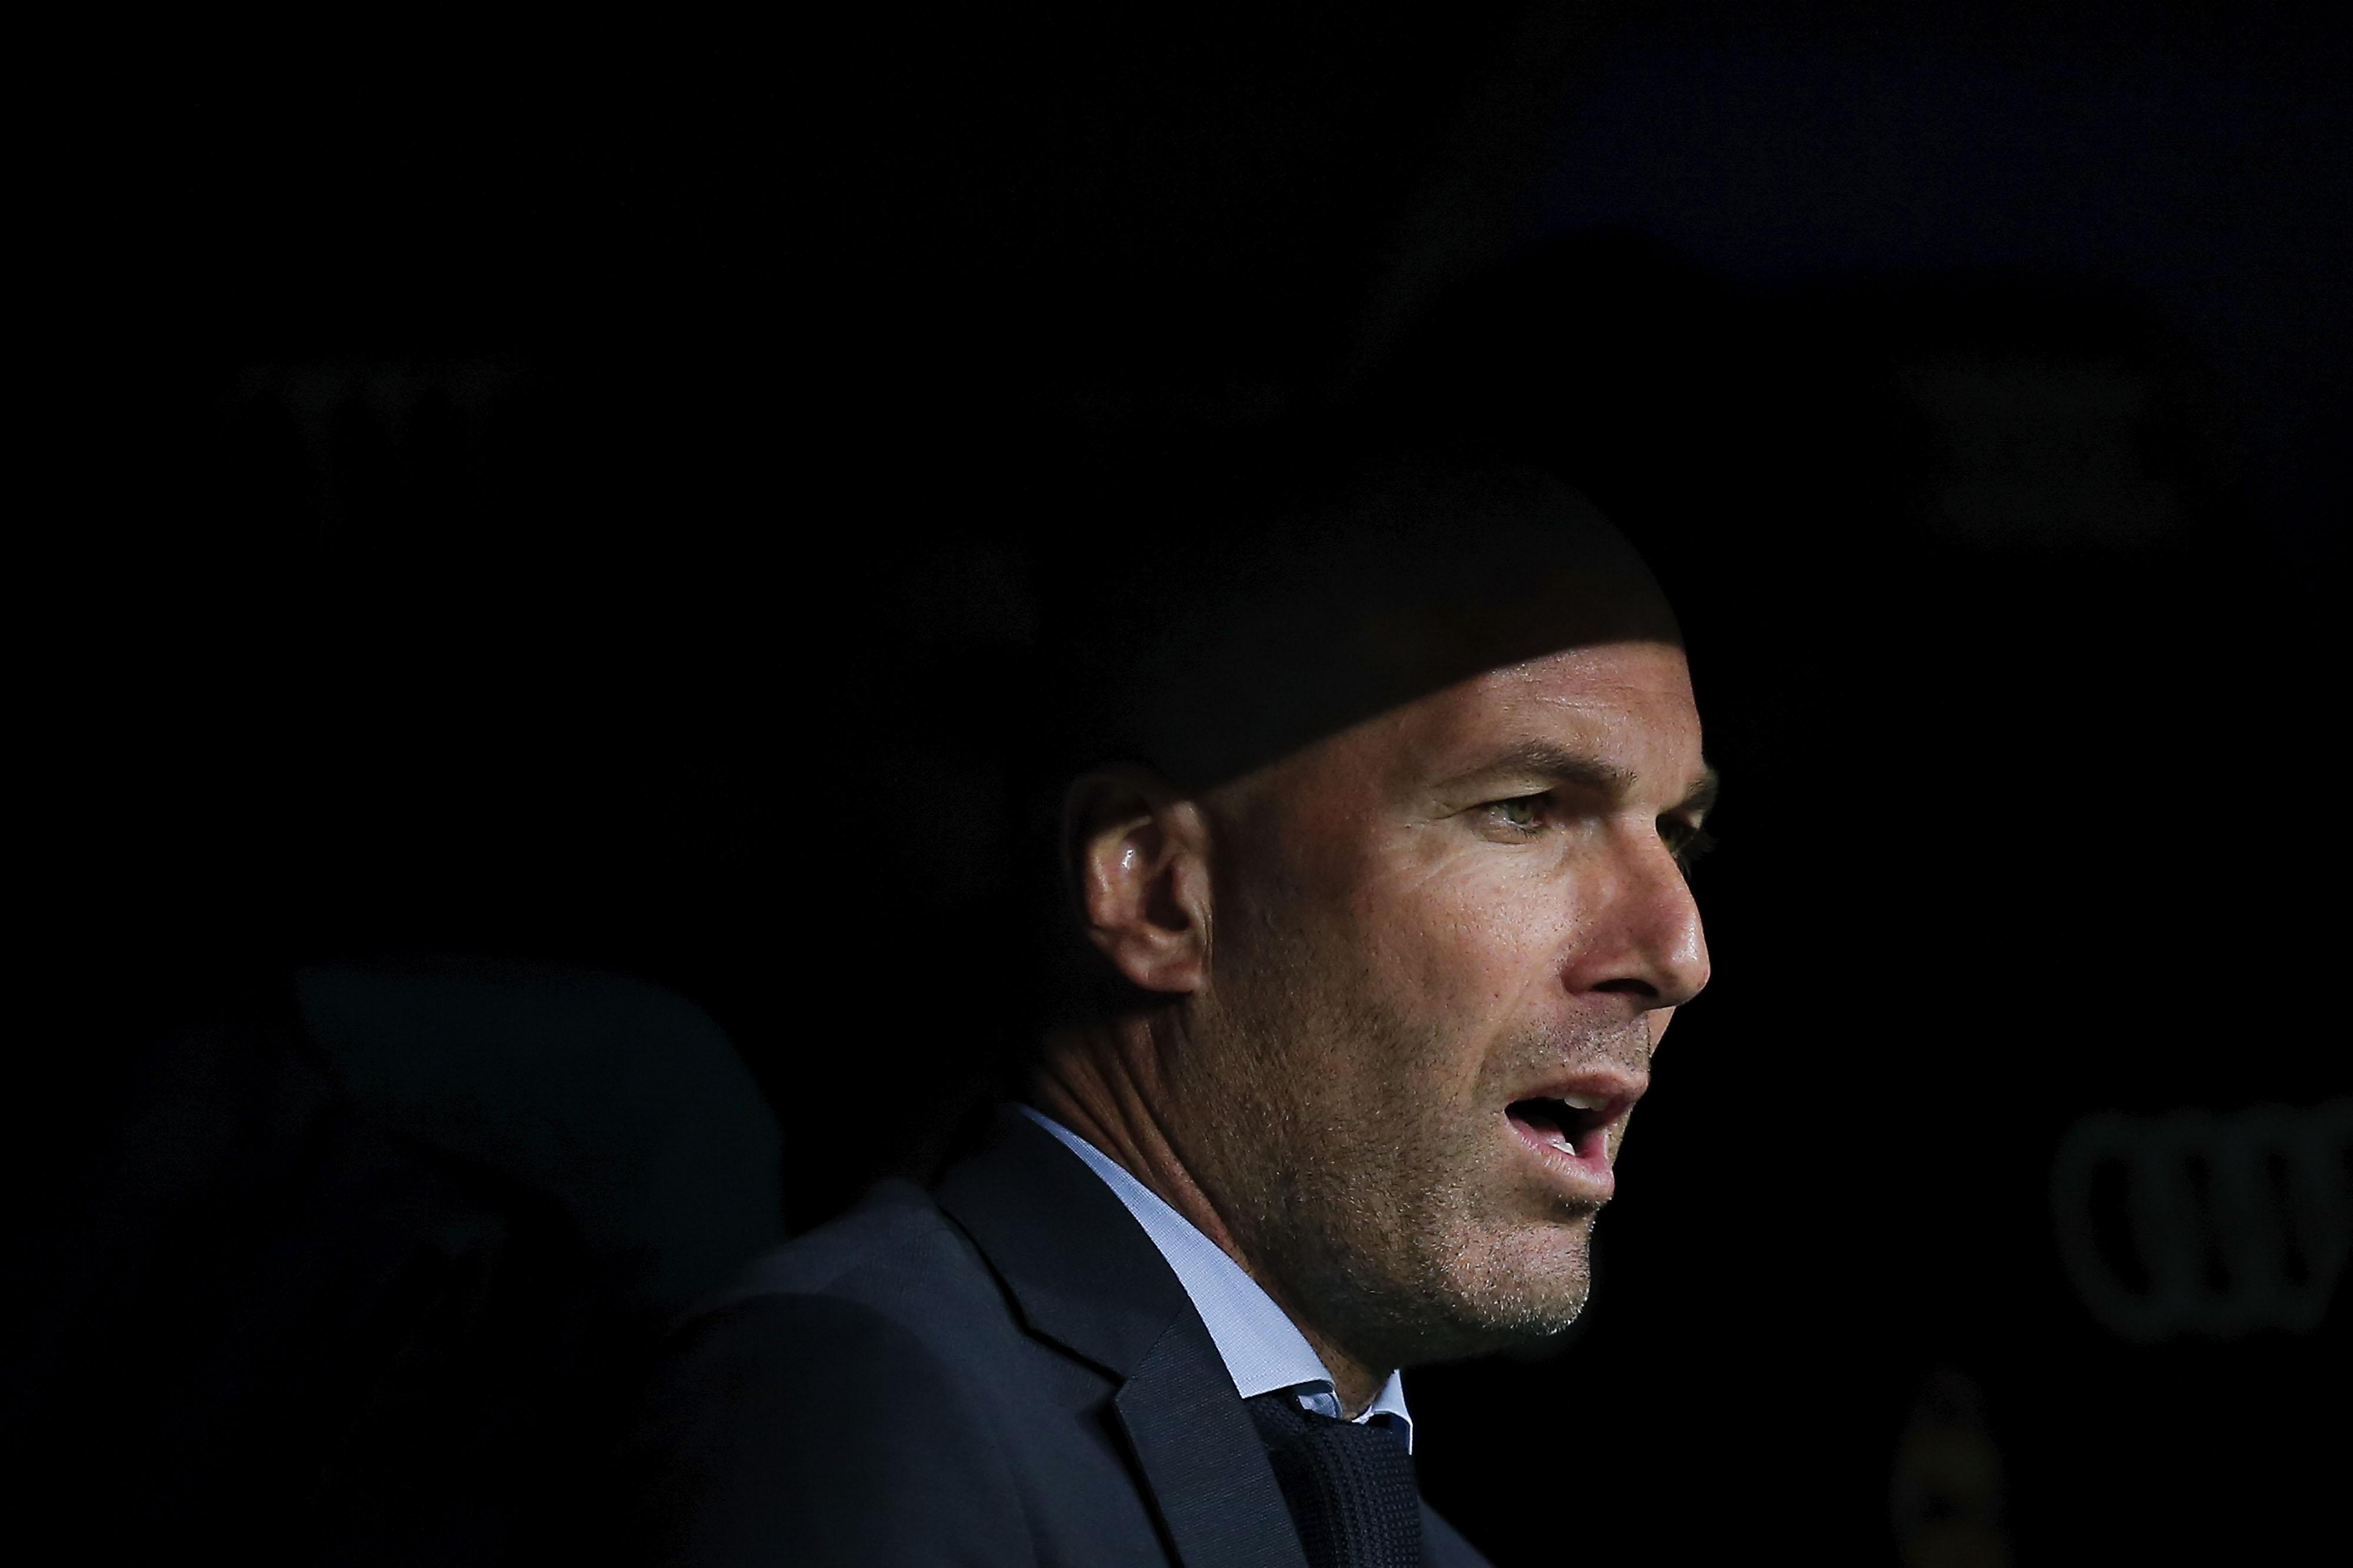 Старши треньорът на Реал Мадрид Зинедин Зидан е наясно, че